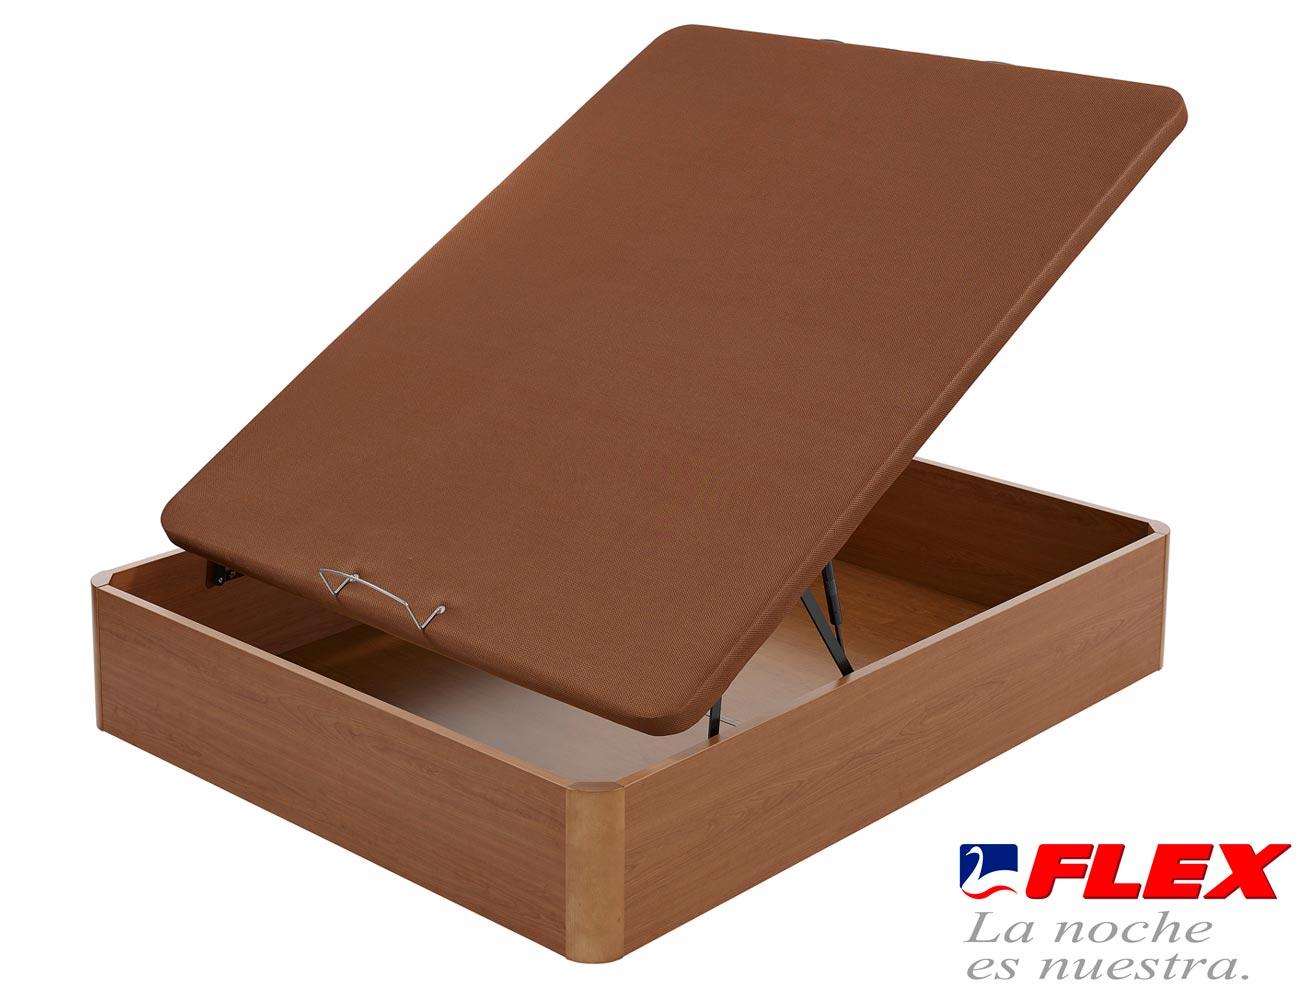 Canape flex madera abatible tapa3d 836